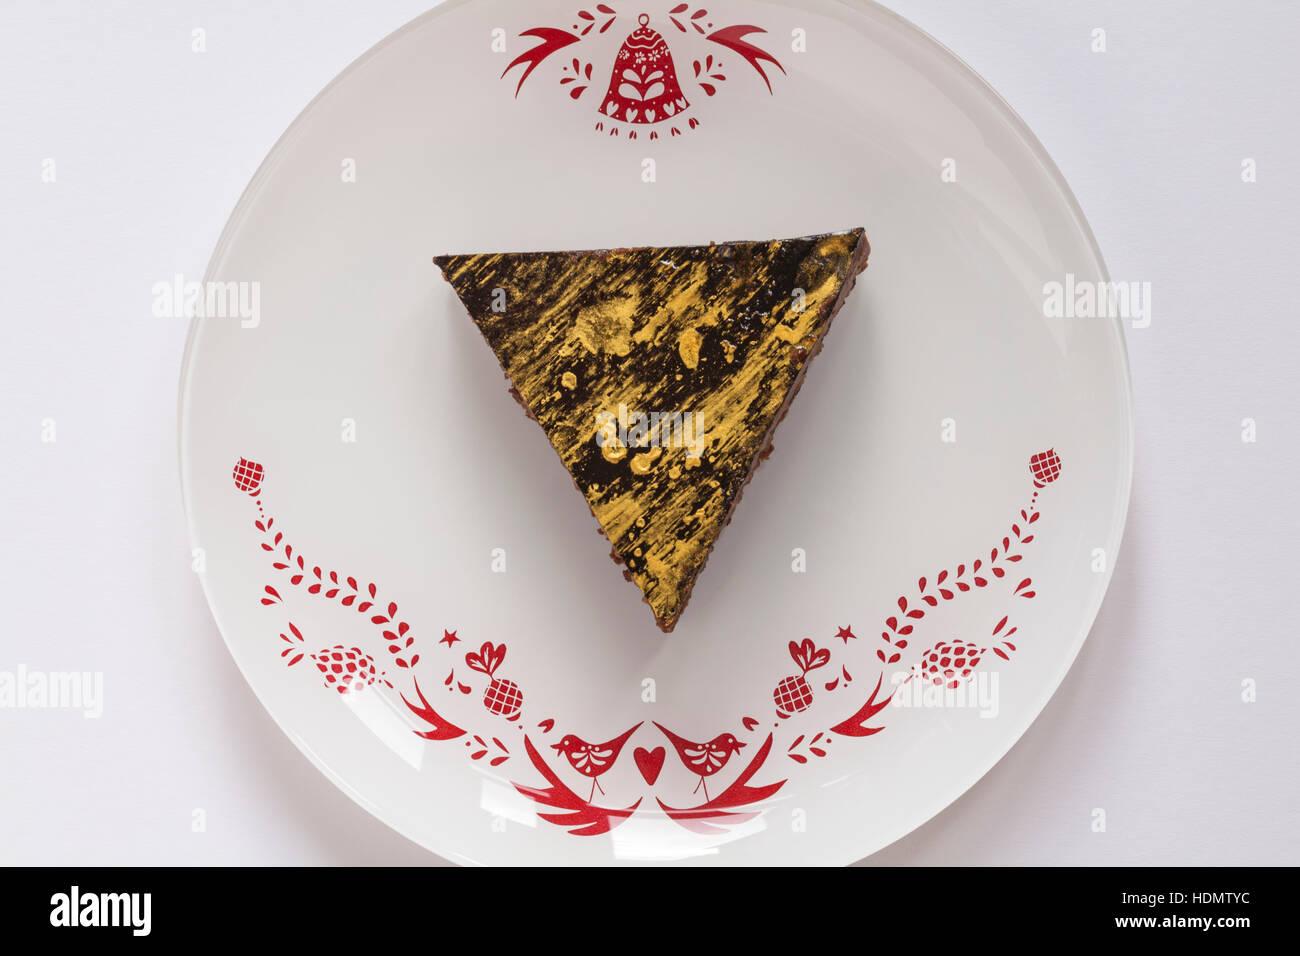 M & S Weihnachten Schokolade & Mandarin Desserts - Mandarin Dessert auf festlichen Teller Stockbild